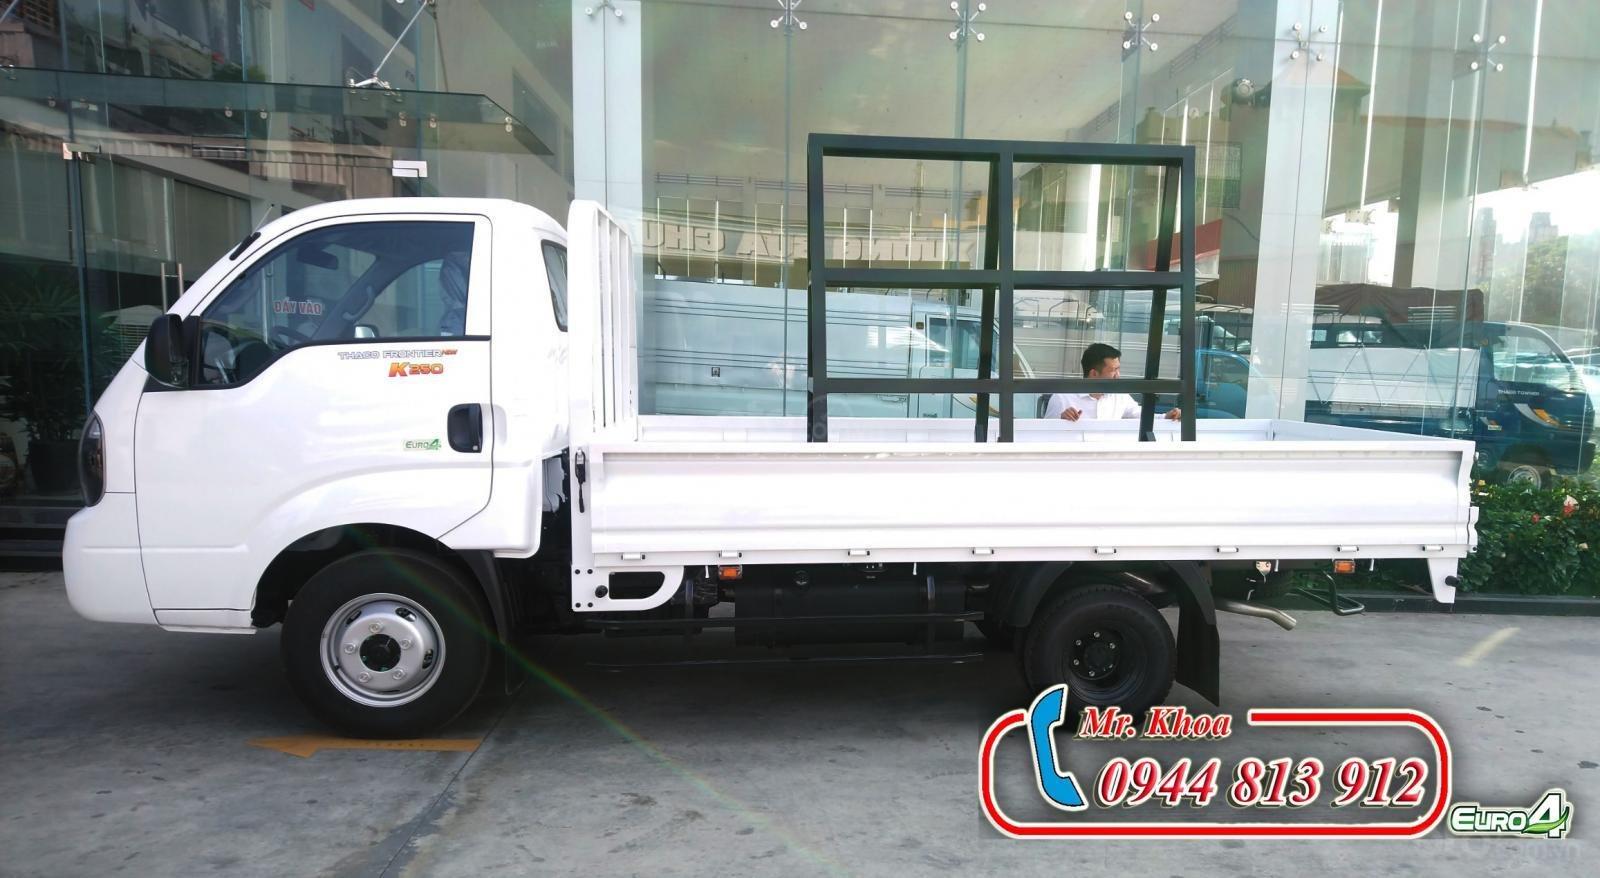 Thaco Bình Dương bán xe tải 2,5 tấn Kia K250, động cơ Hyundai đời 2019, thùng cải tạo chở kính - LH: 0944.813.912-3